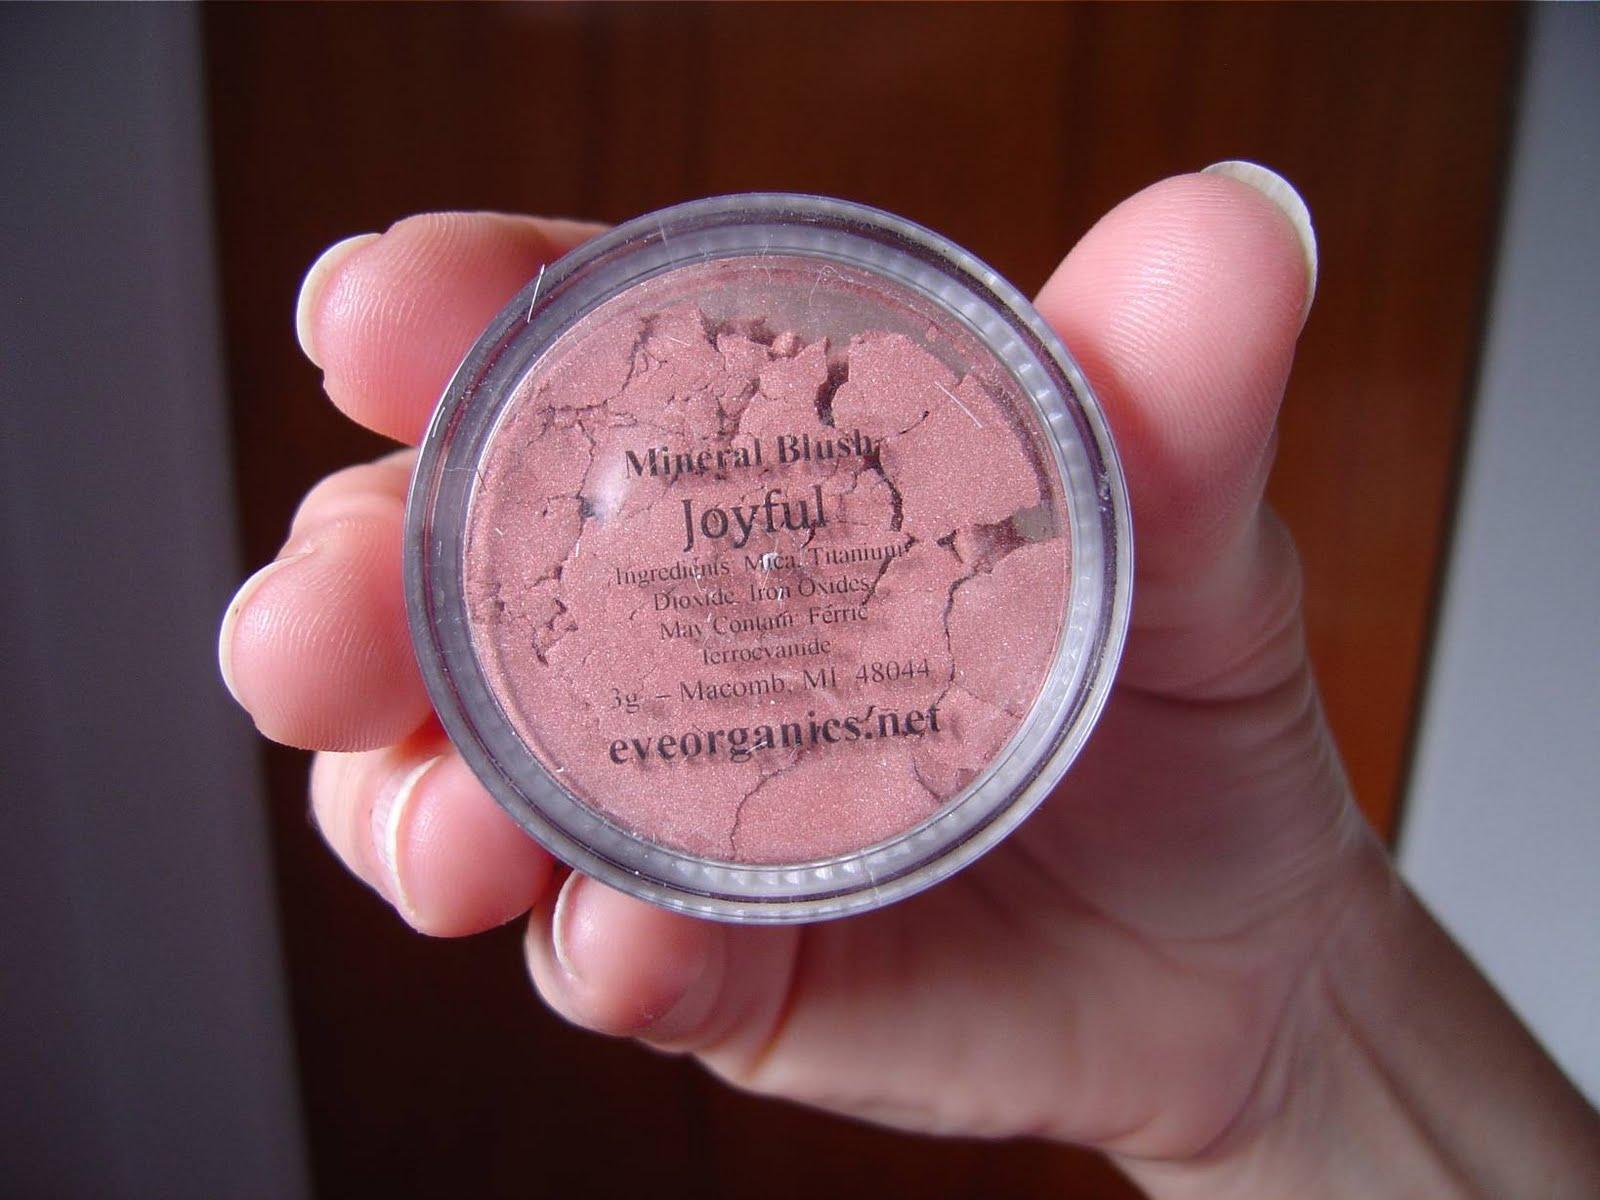 Eve Organics Mineral Makeup Joyful Blush